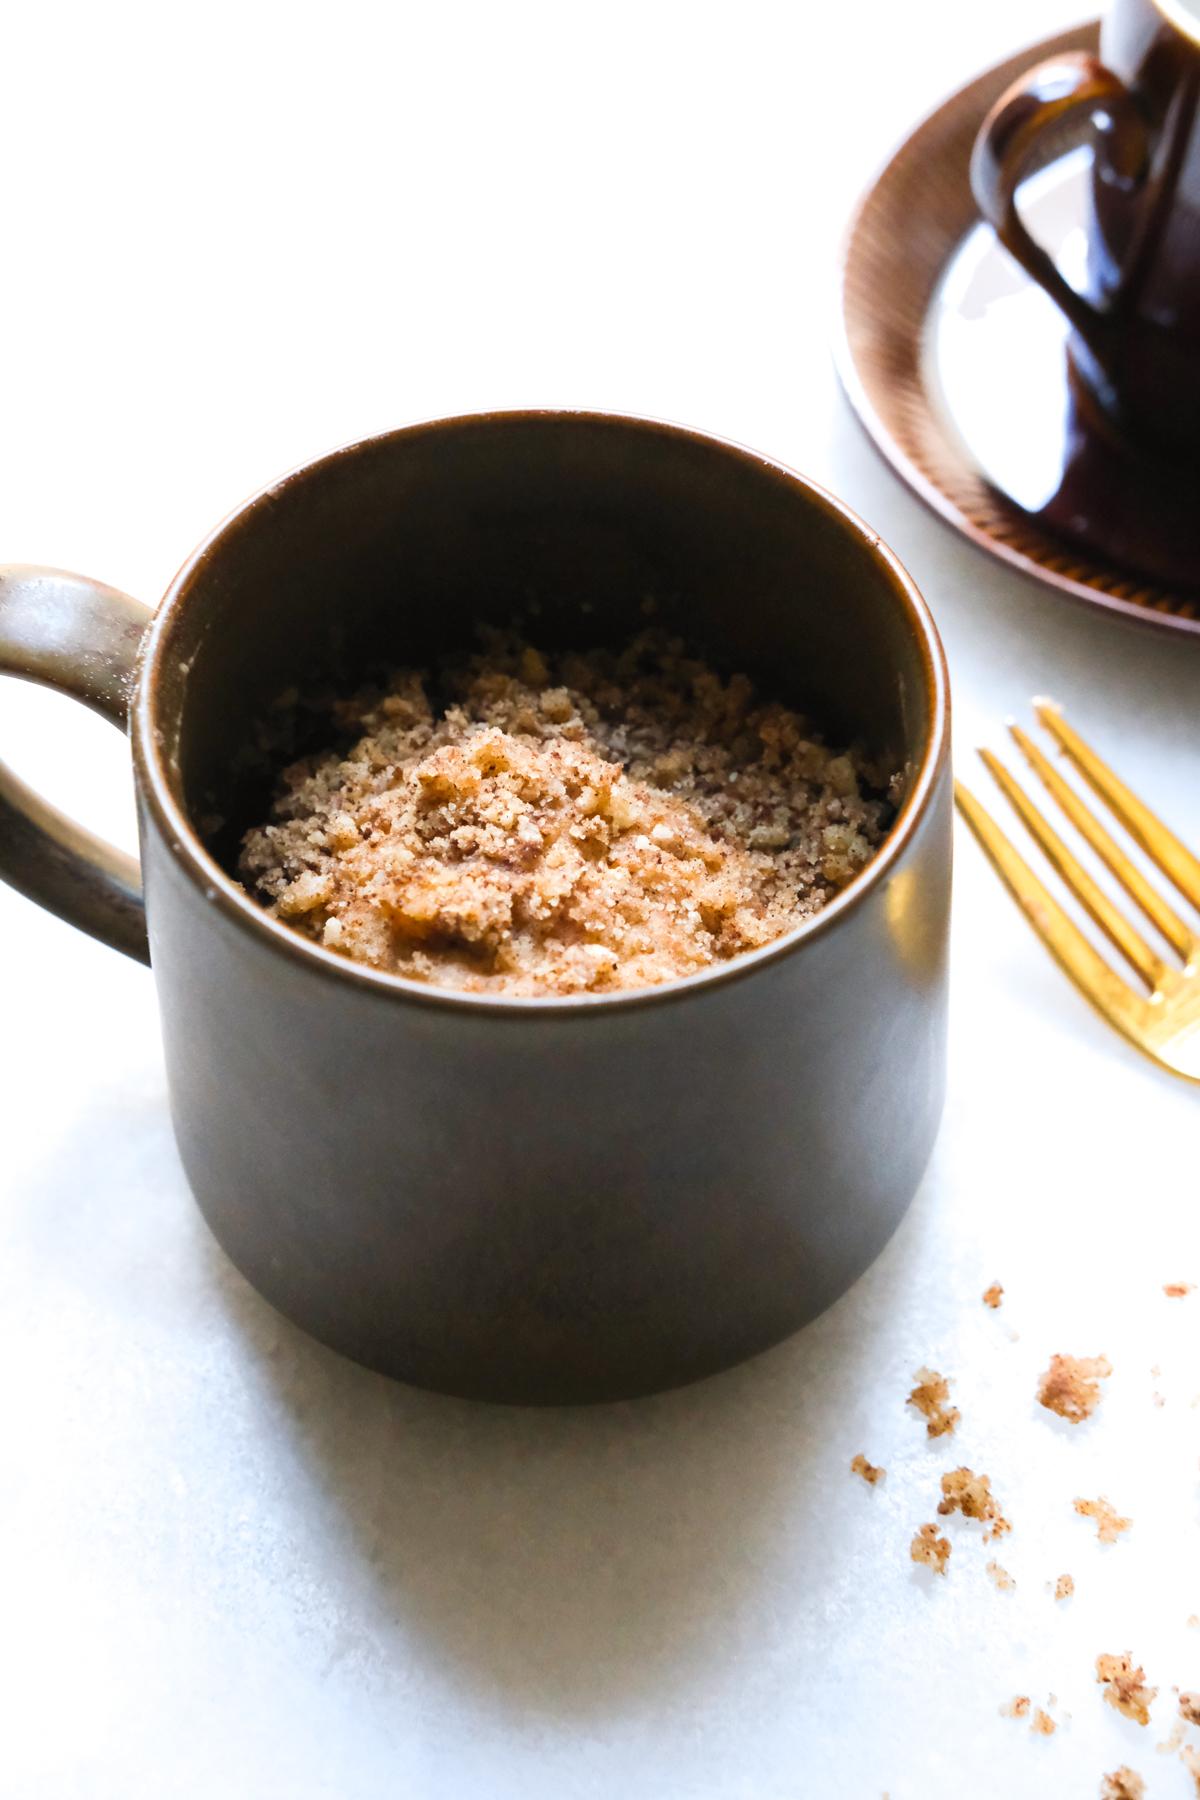 mug coffee cake with crumbs